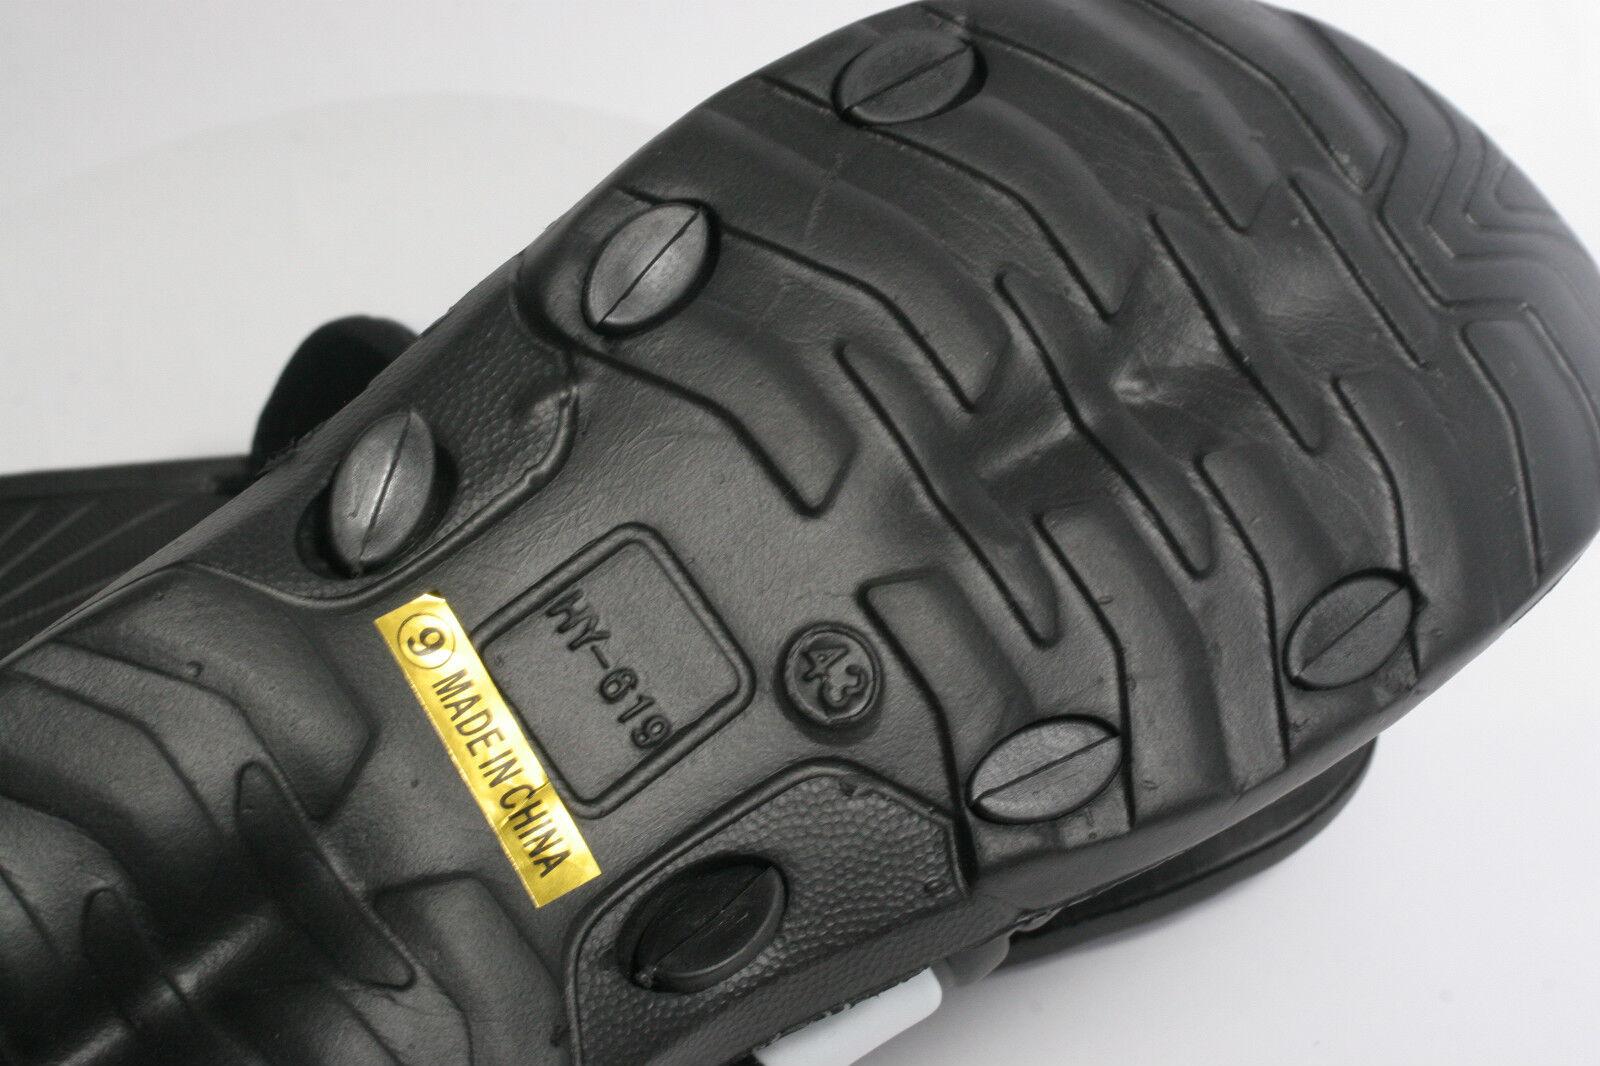 timeless design bfaab ccf5c ... New Mens Easy Slip on Sport Slide Sandals, Sandals, Sandals, Black Blue  with